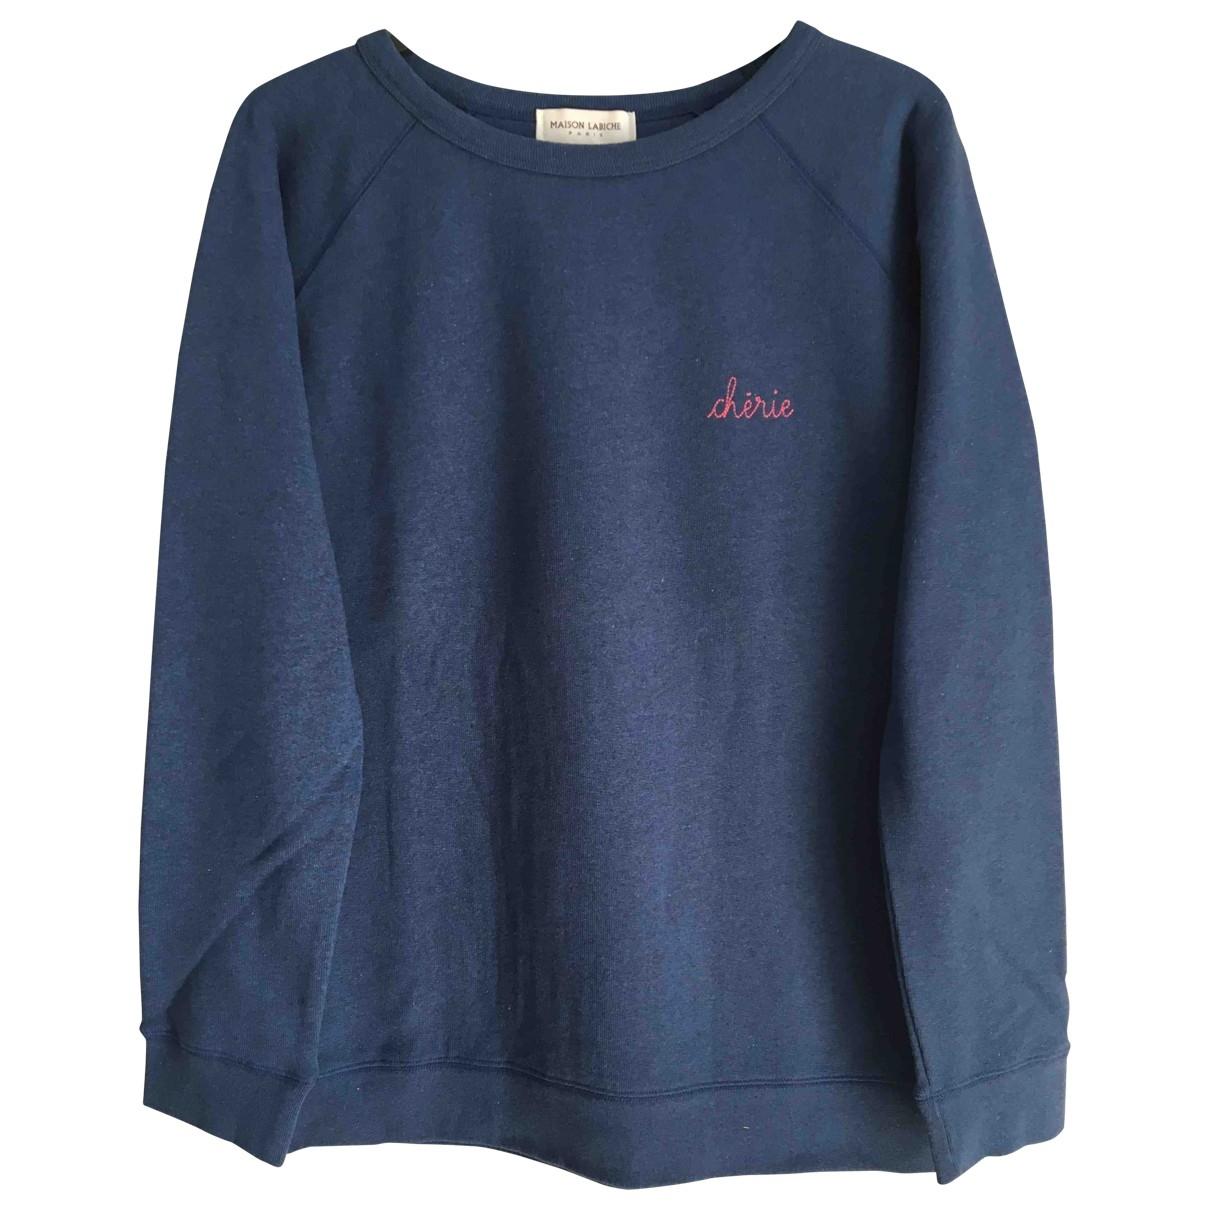 Maison Labiche - Pull   pour femme en coton - bleu